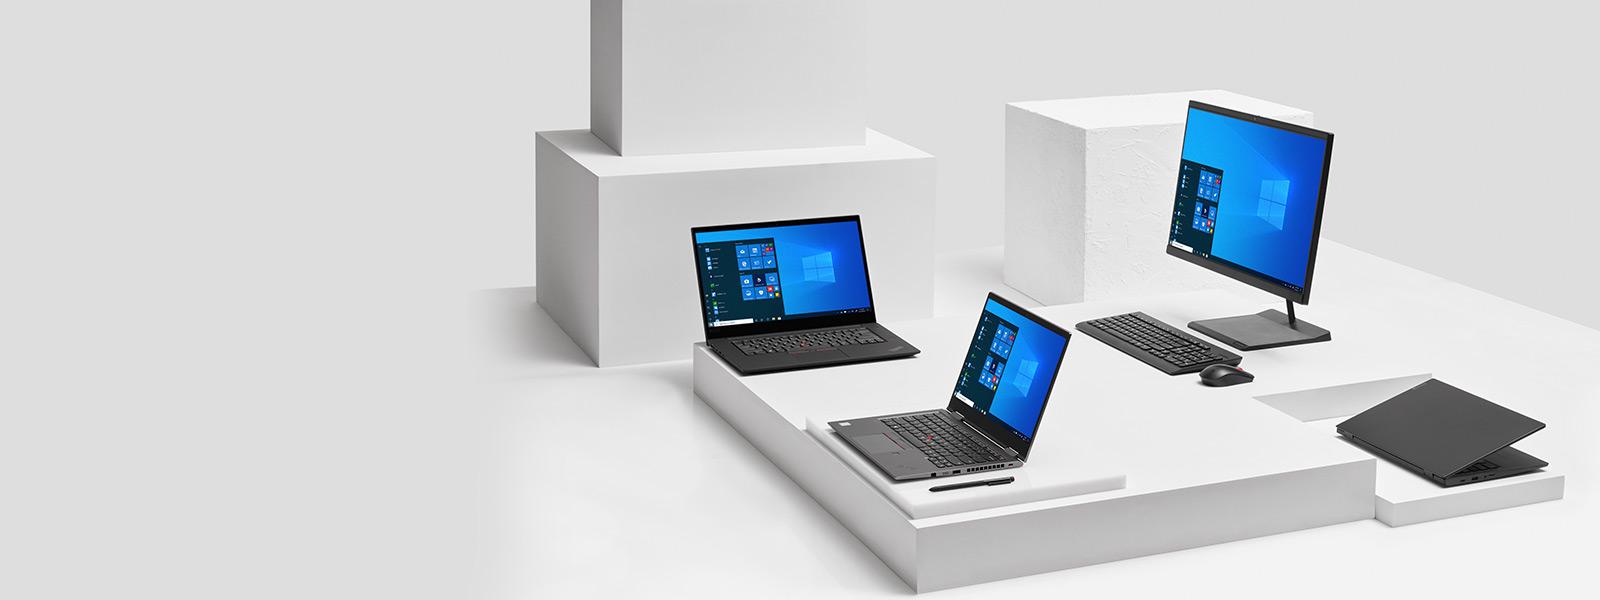 Família de dispositivos Lenovo com telas iniciais do Windows 10 Pro